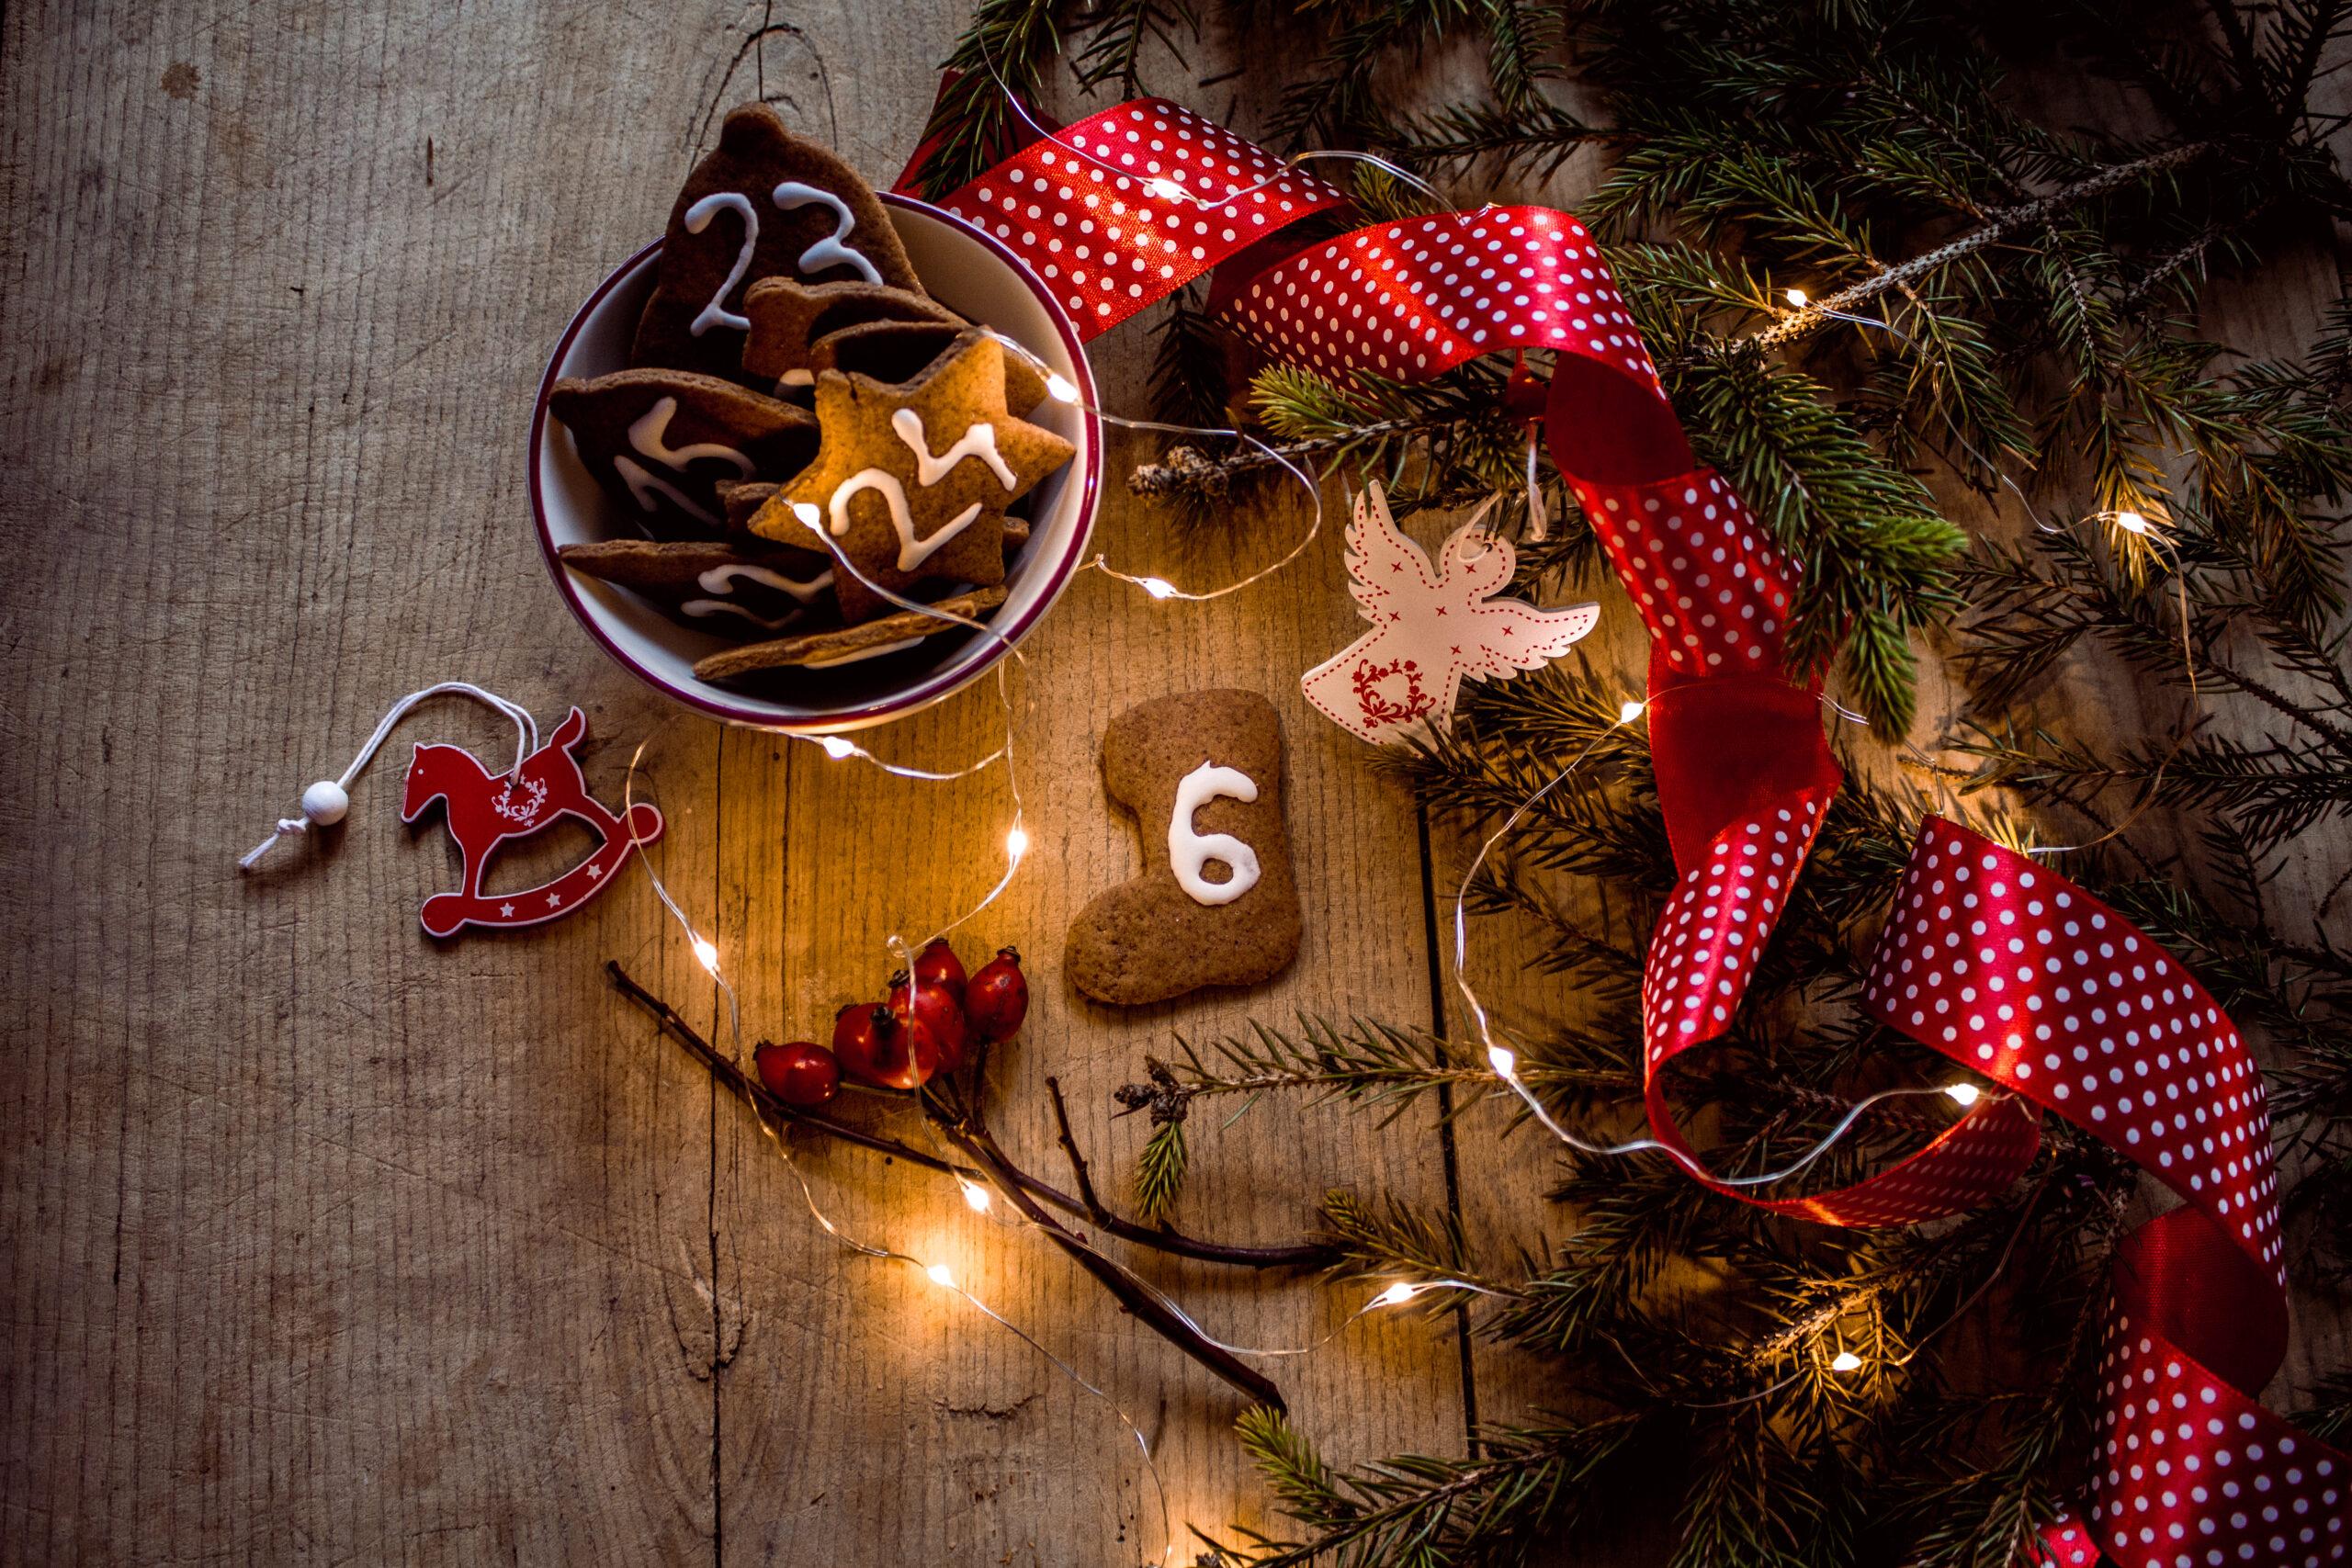 MAGICZNY GRUDZIEŃ: #6 – Świąteczny tydzień I